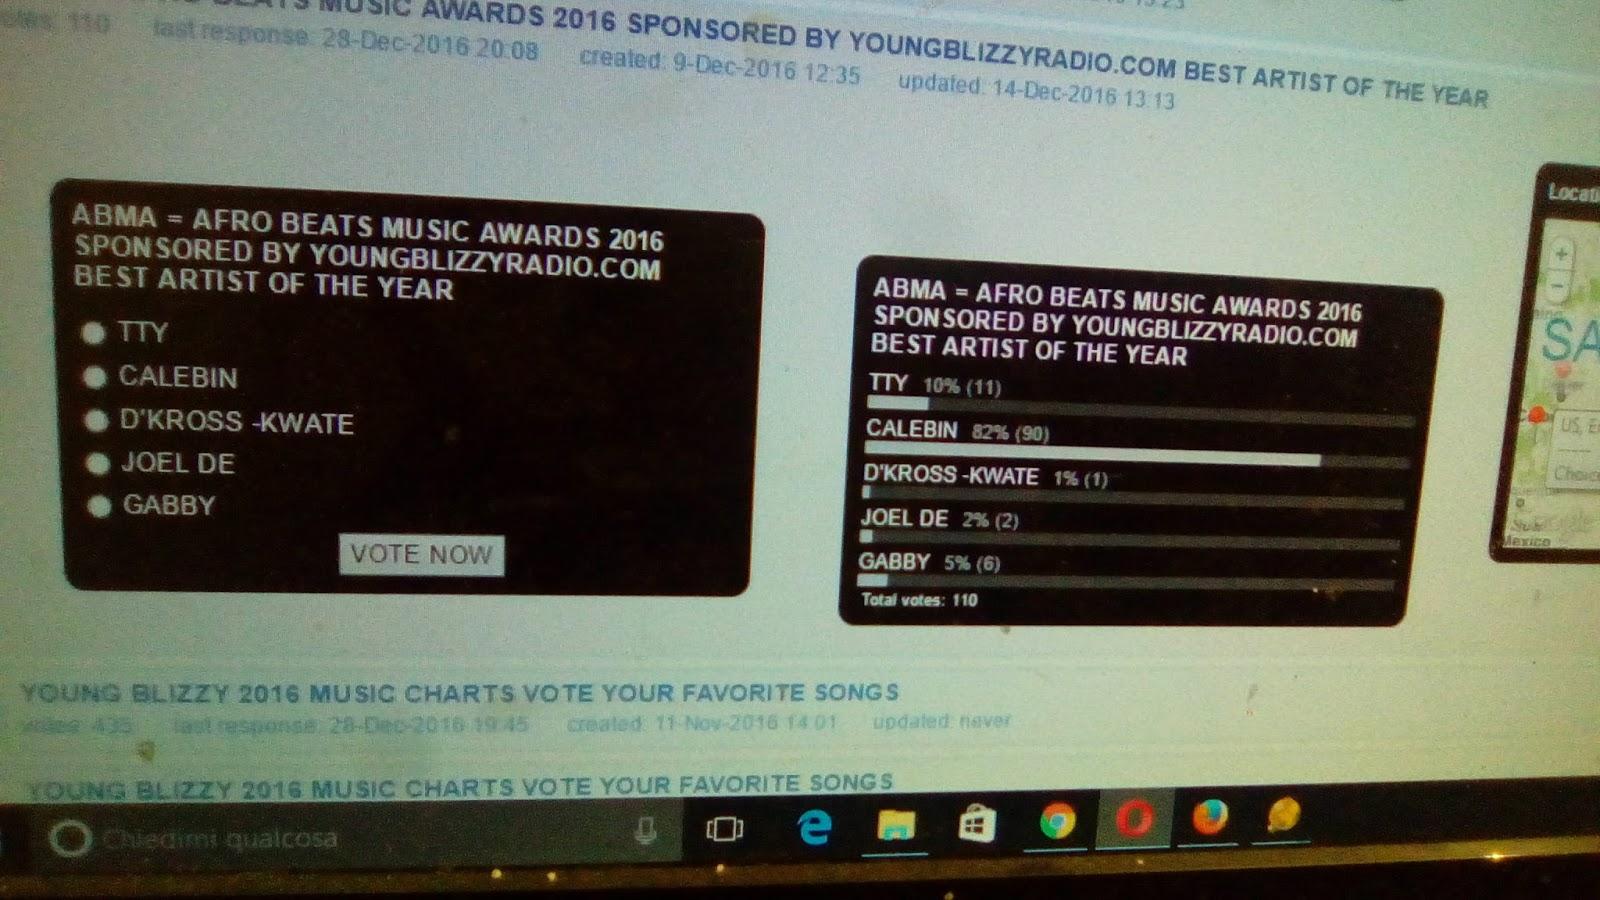 YOUNGBLIZZYRADIO COM: ABMA AWARDS 2016 = AFRO BEATS MUSIC